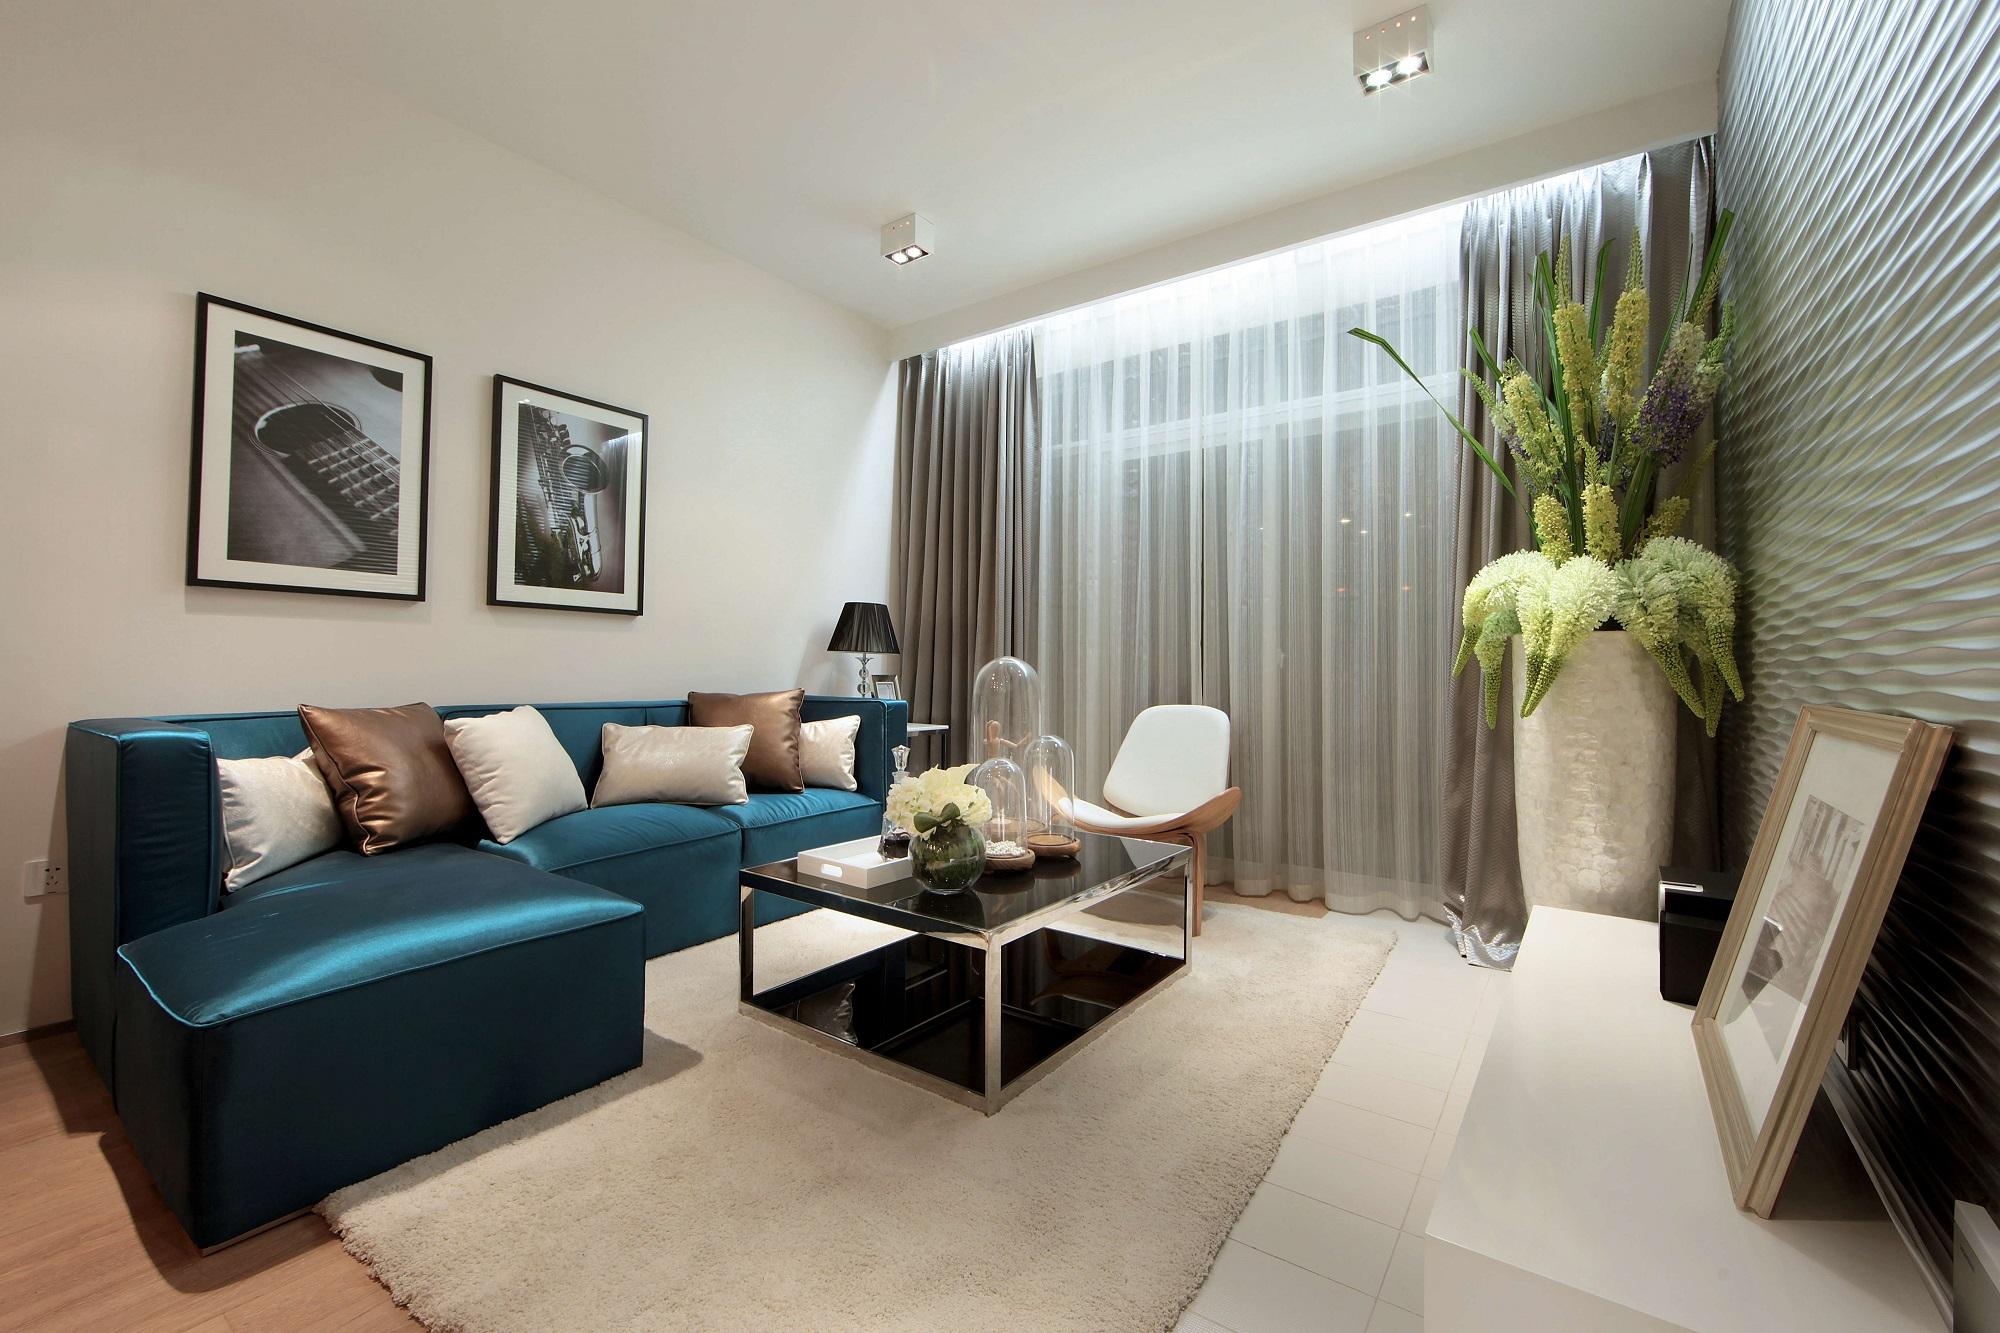 客厅以极简主义打造简洁素朴之美,宝蓝色沙发、金属边框装饰画等充满质感、时尚的元素来营造精致的氛围。